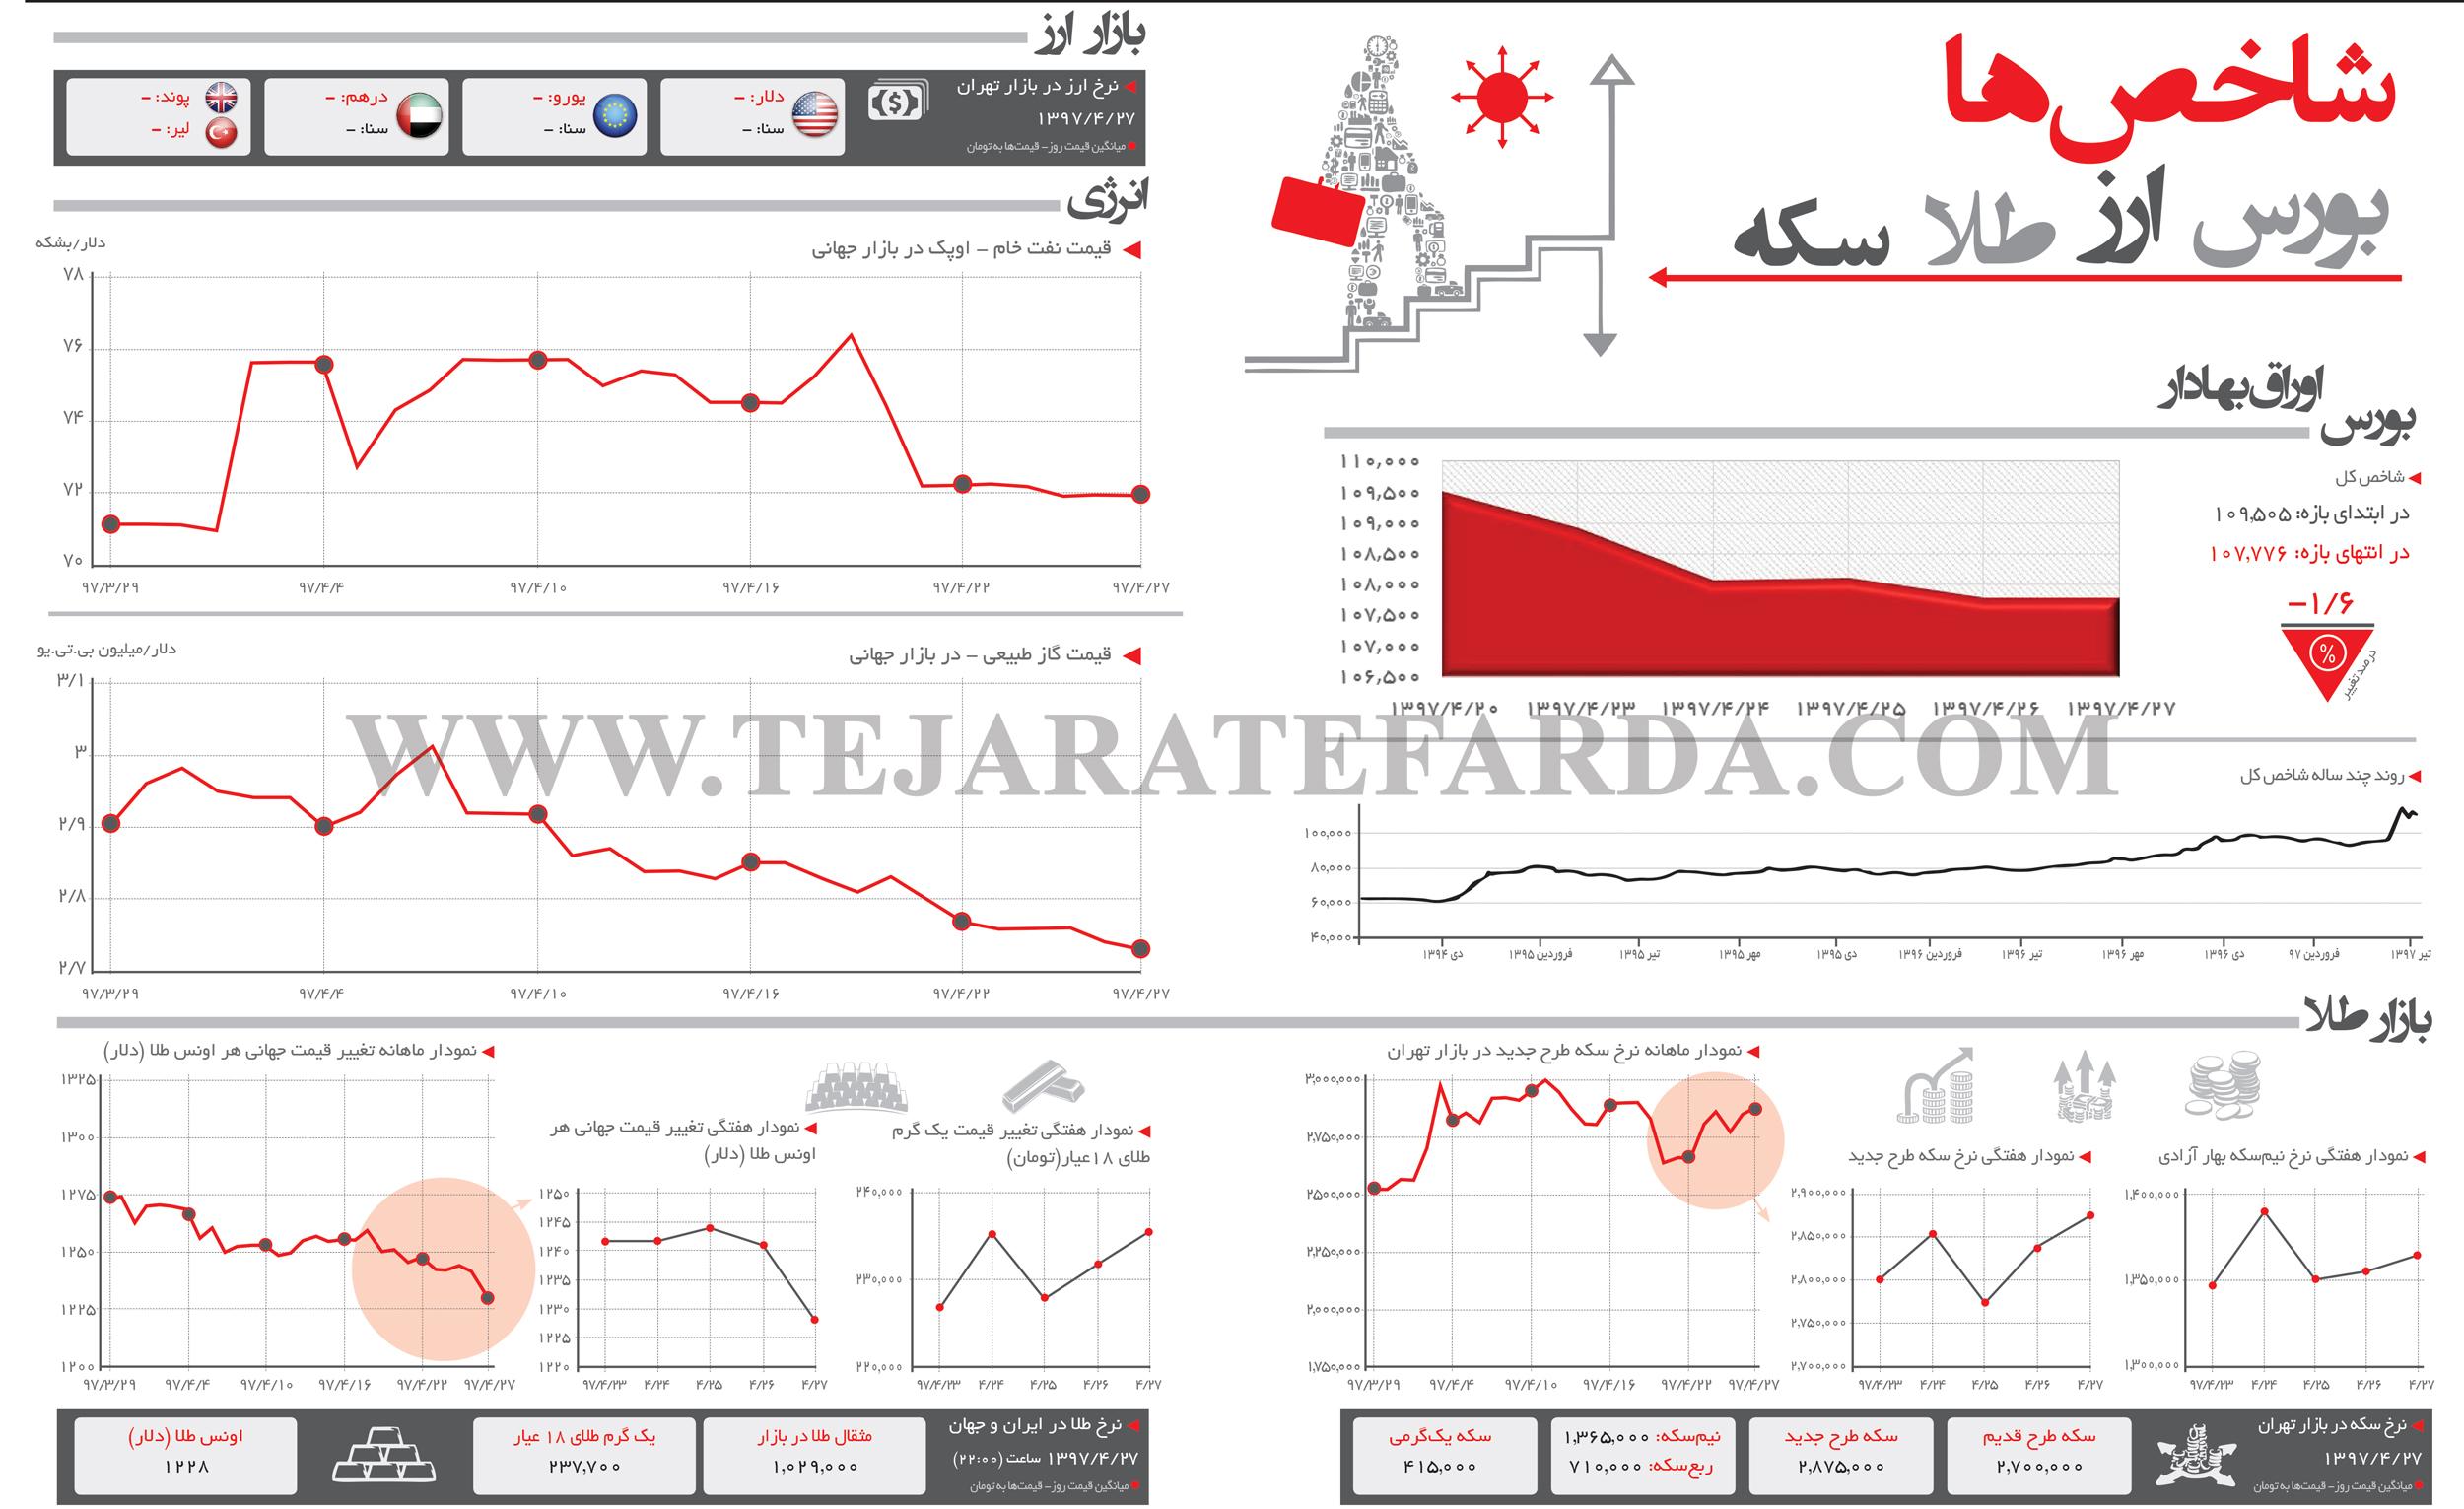 تجارت فردا- اینفوگرافیک- شاخصهای اقتصادی (277)